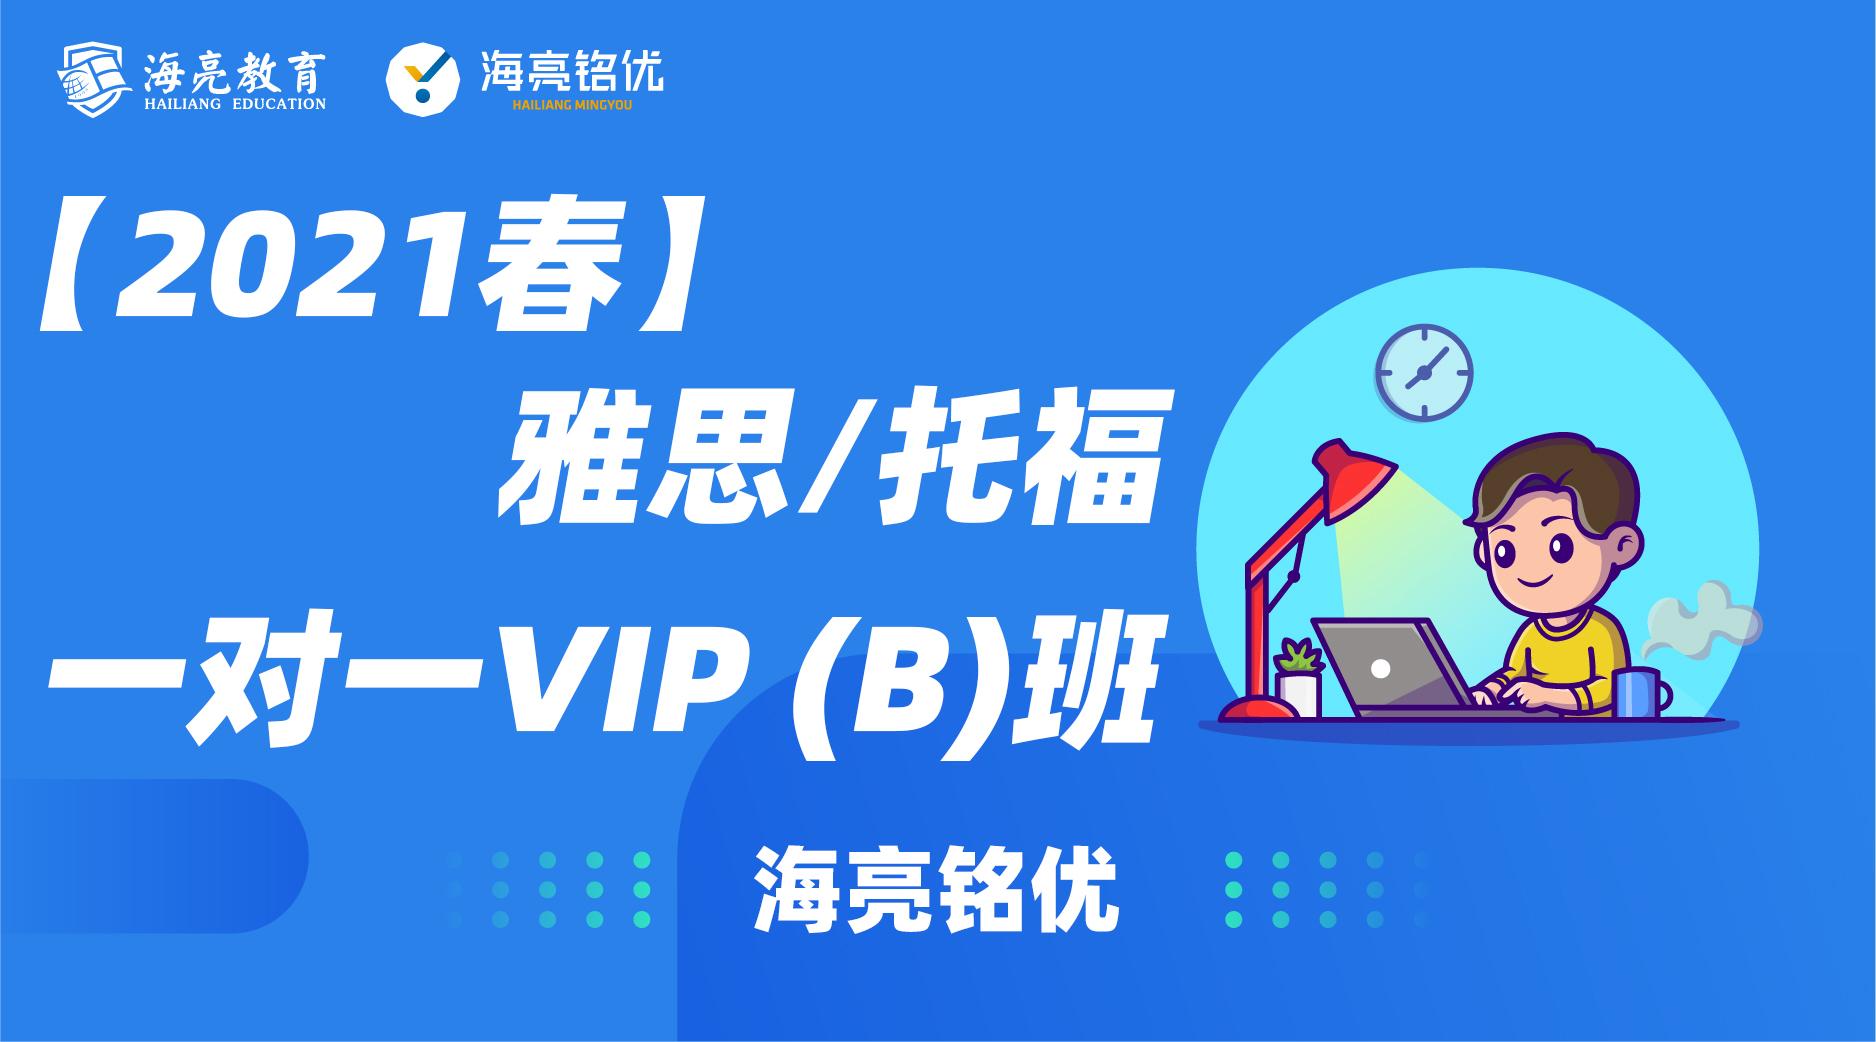 【2021春】雅思/托福 一对一VIP (B)班 20h